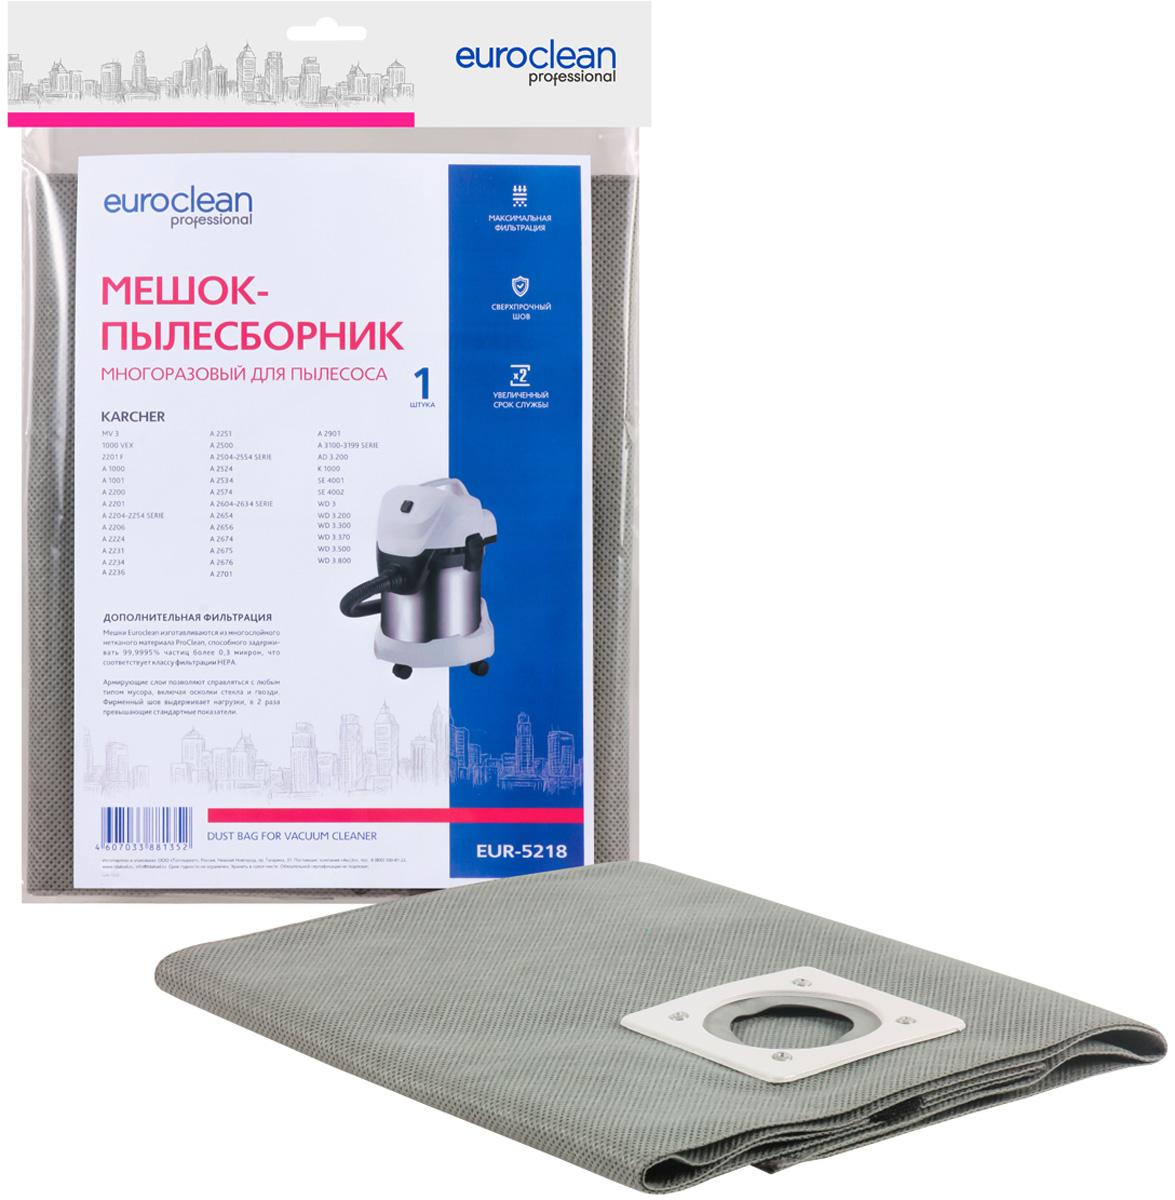 Пылесборник Euroclean EUR-5218 многоразовый для пылесоса Karcher многоразовый конусный фильтр для пылеводососов с посадочным кольцом